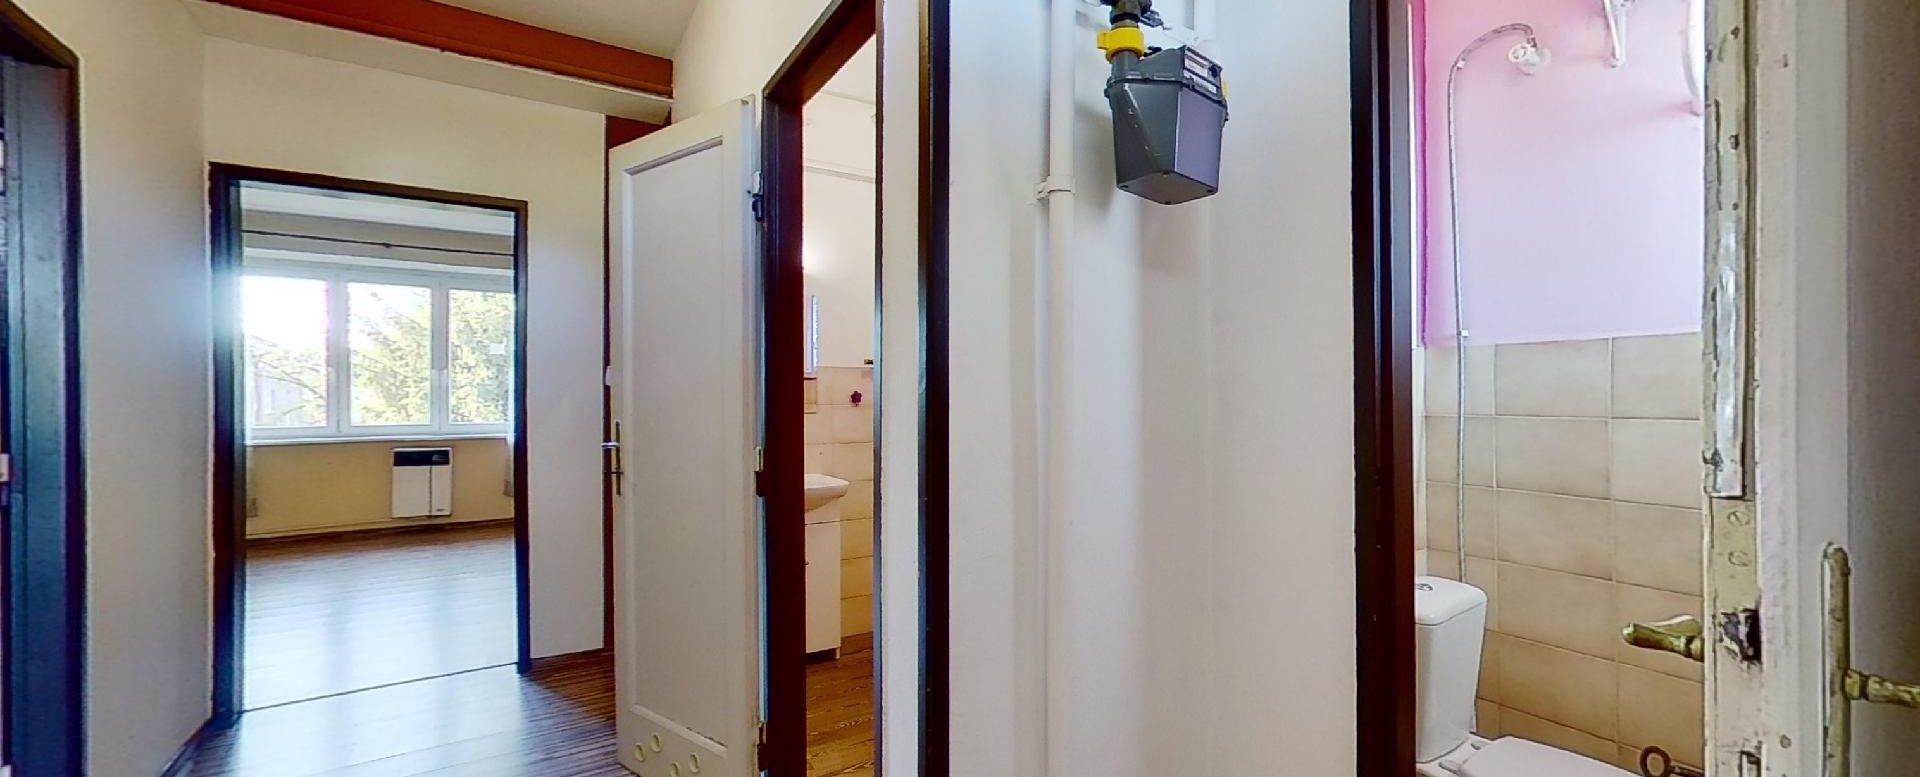 chodba a toaleta